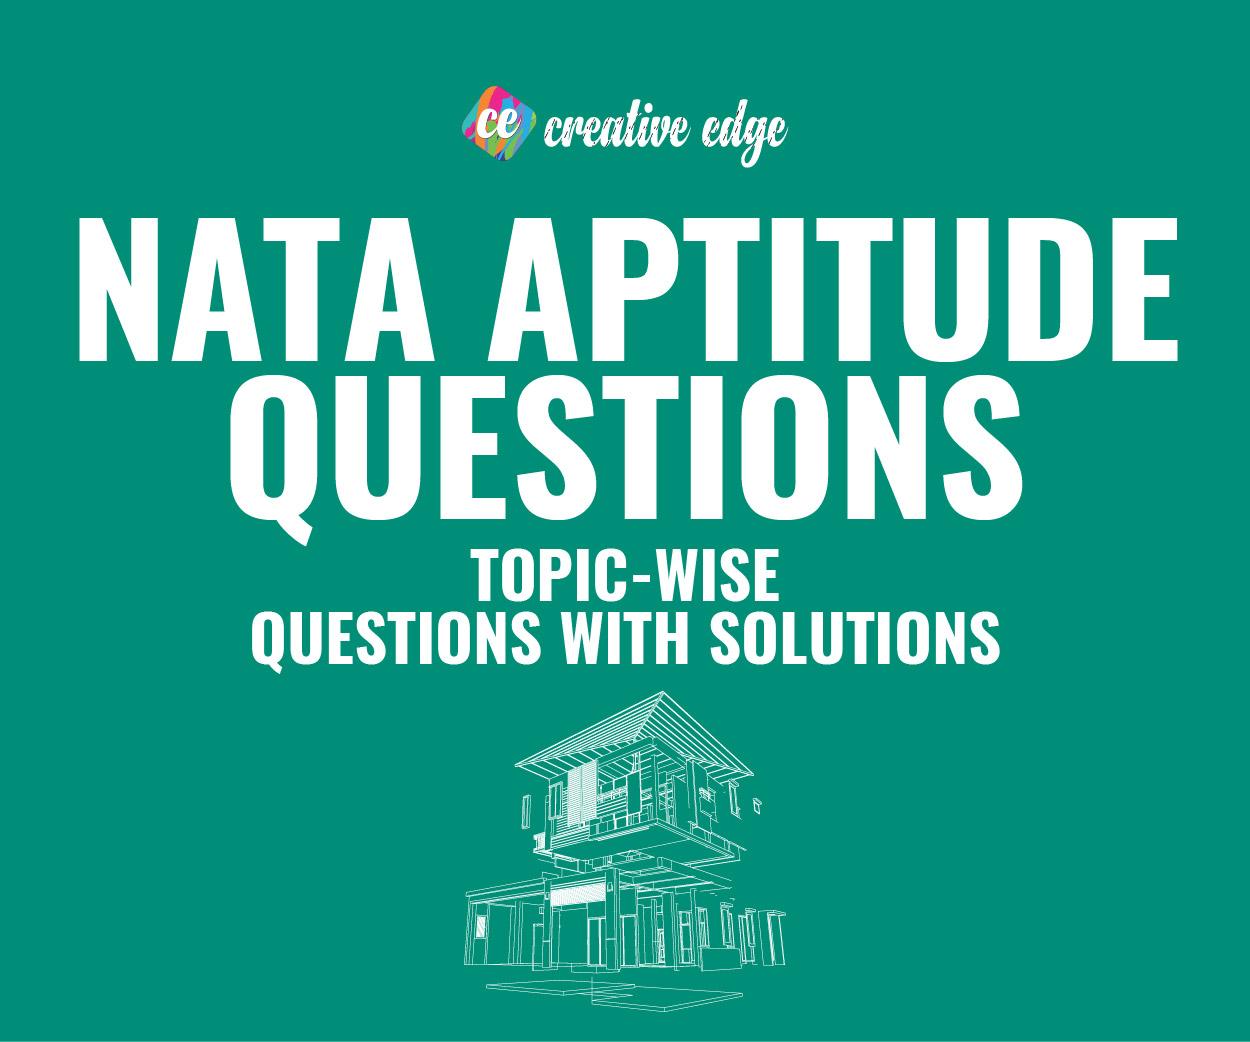 nata aptitude questions